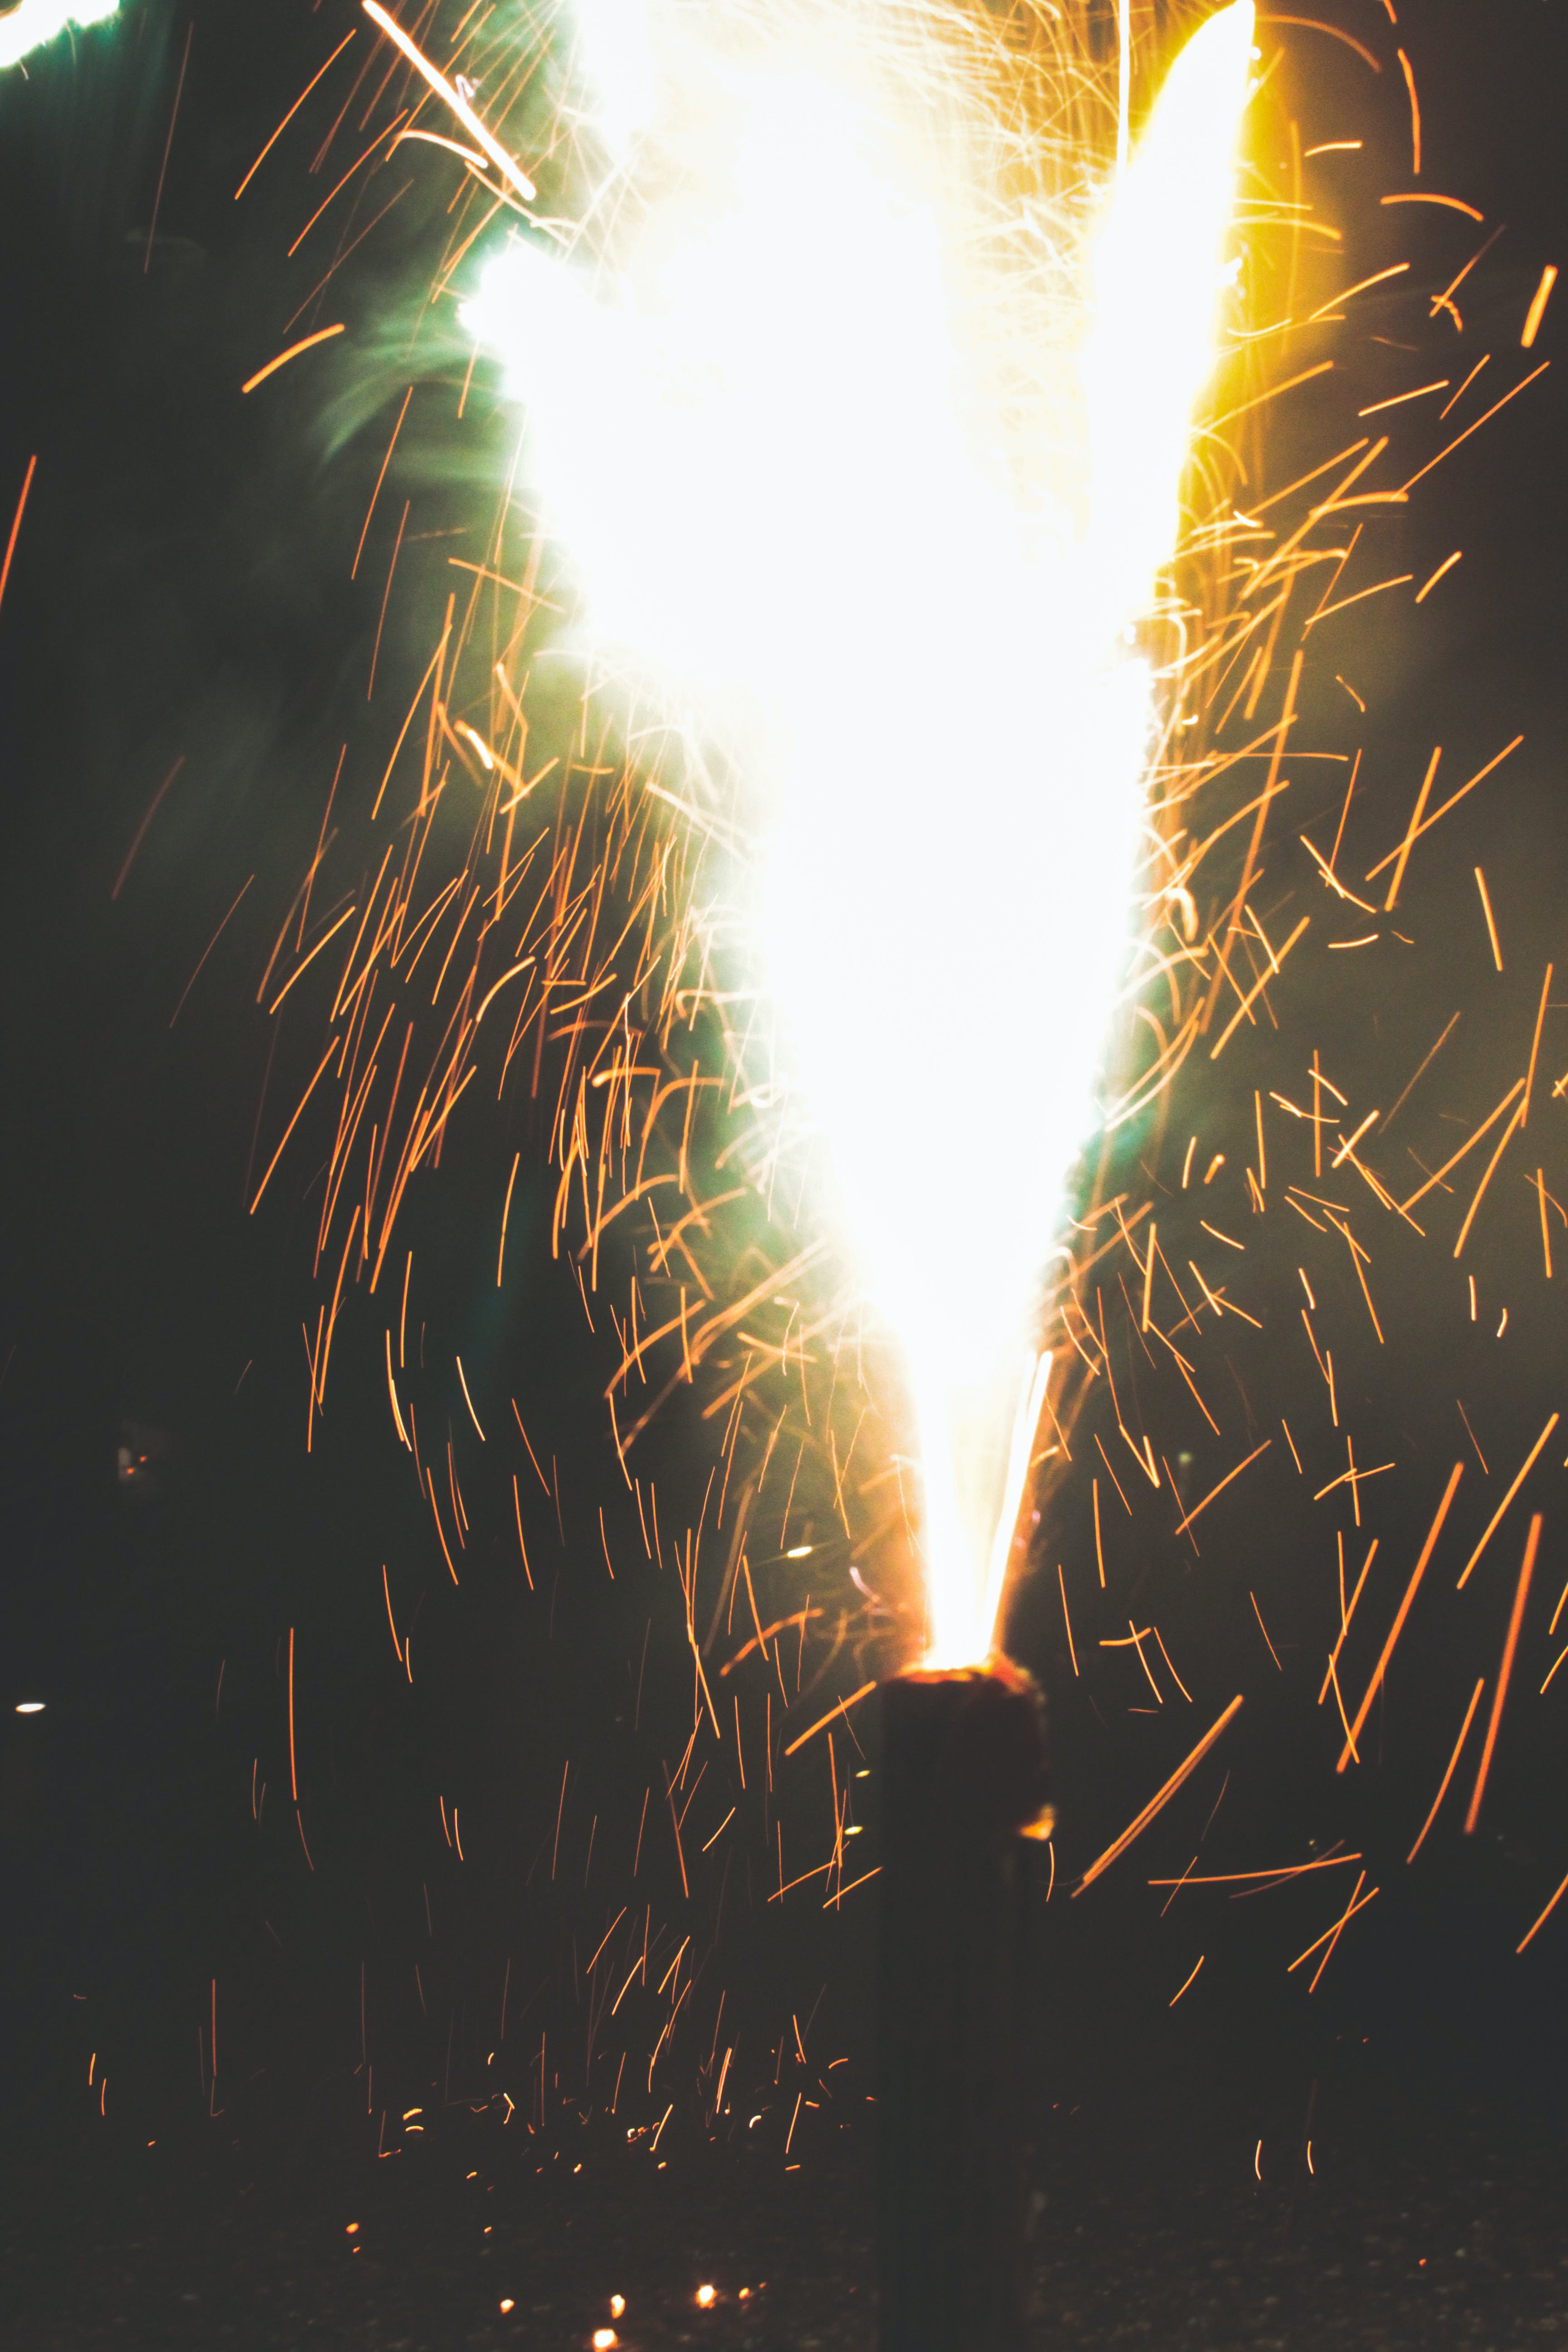 Kostenloses Stock Foto zu feuerwerk, funken, licht